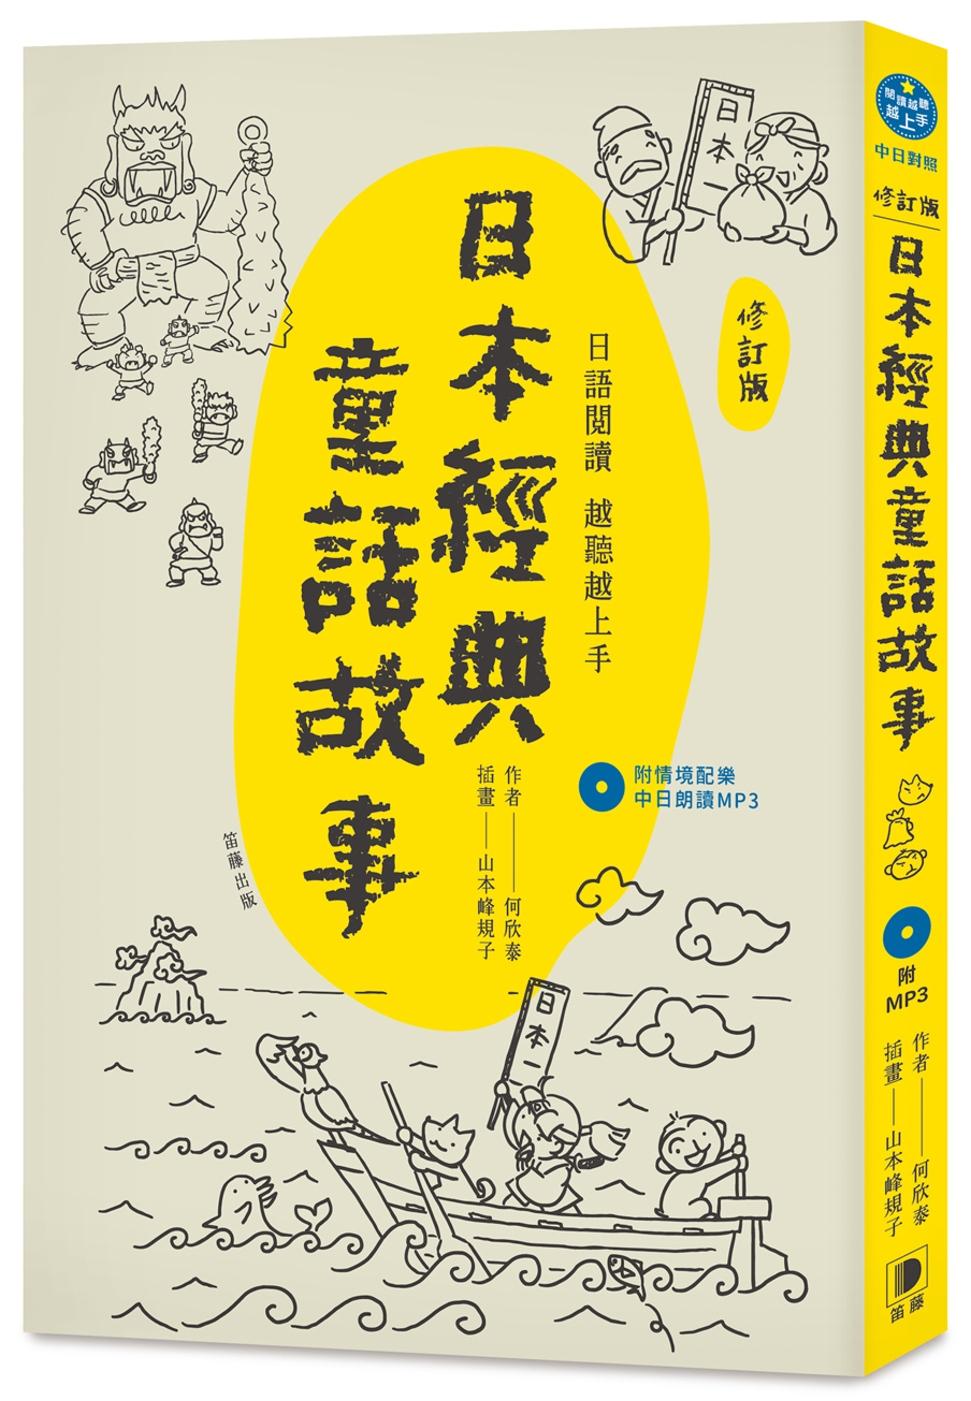 日語越讀越聽越上手:日本經典童話故事【修訂版】 (附情境配樂中日朗讀mp3)